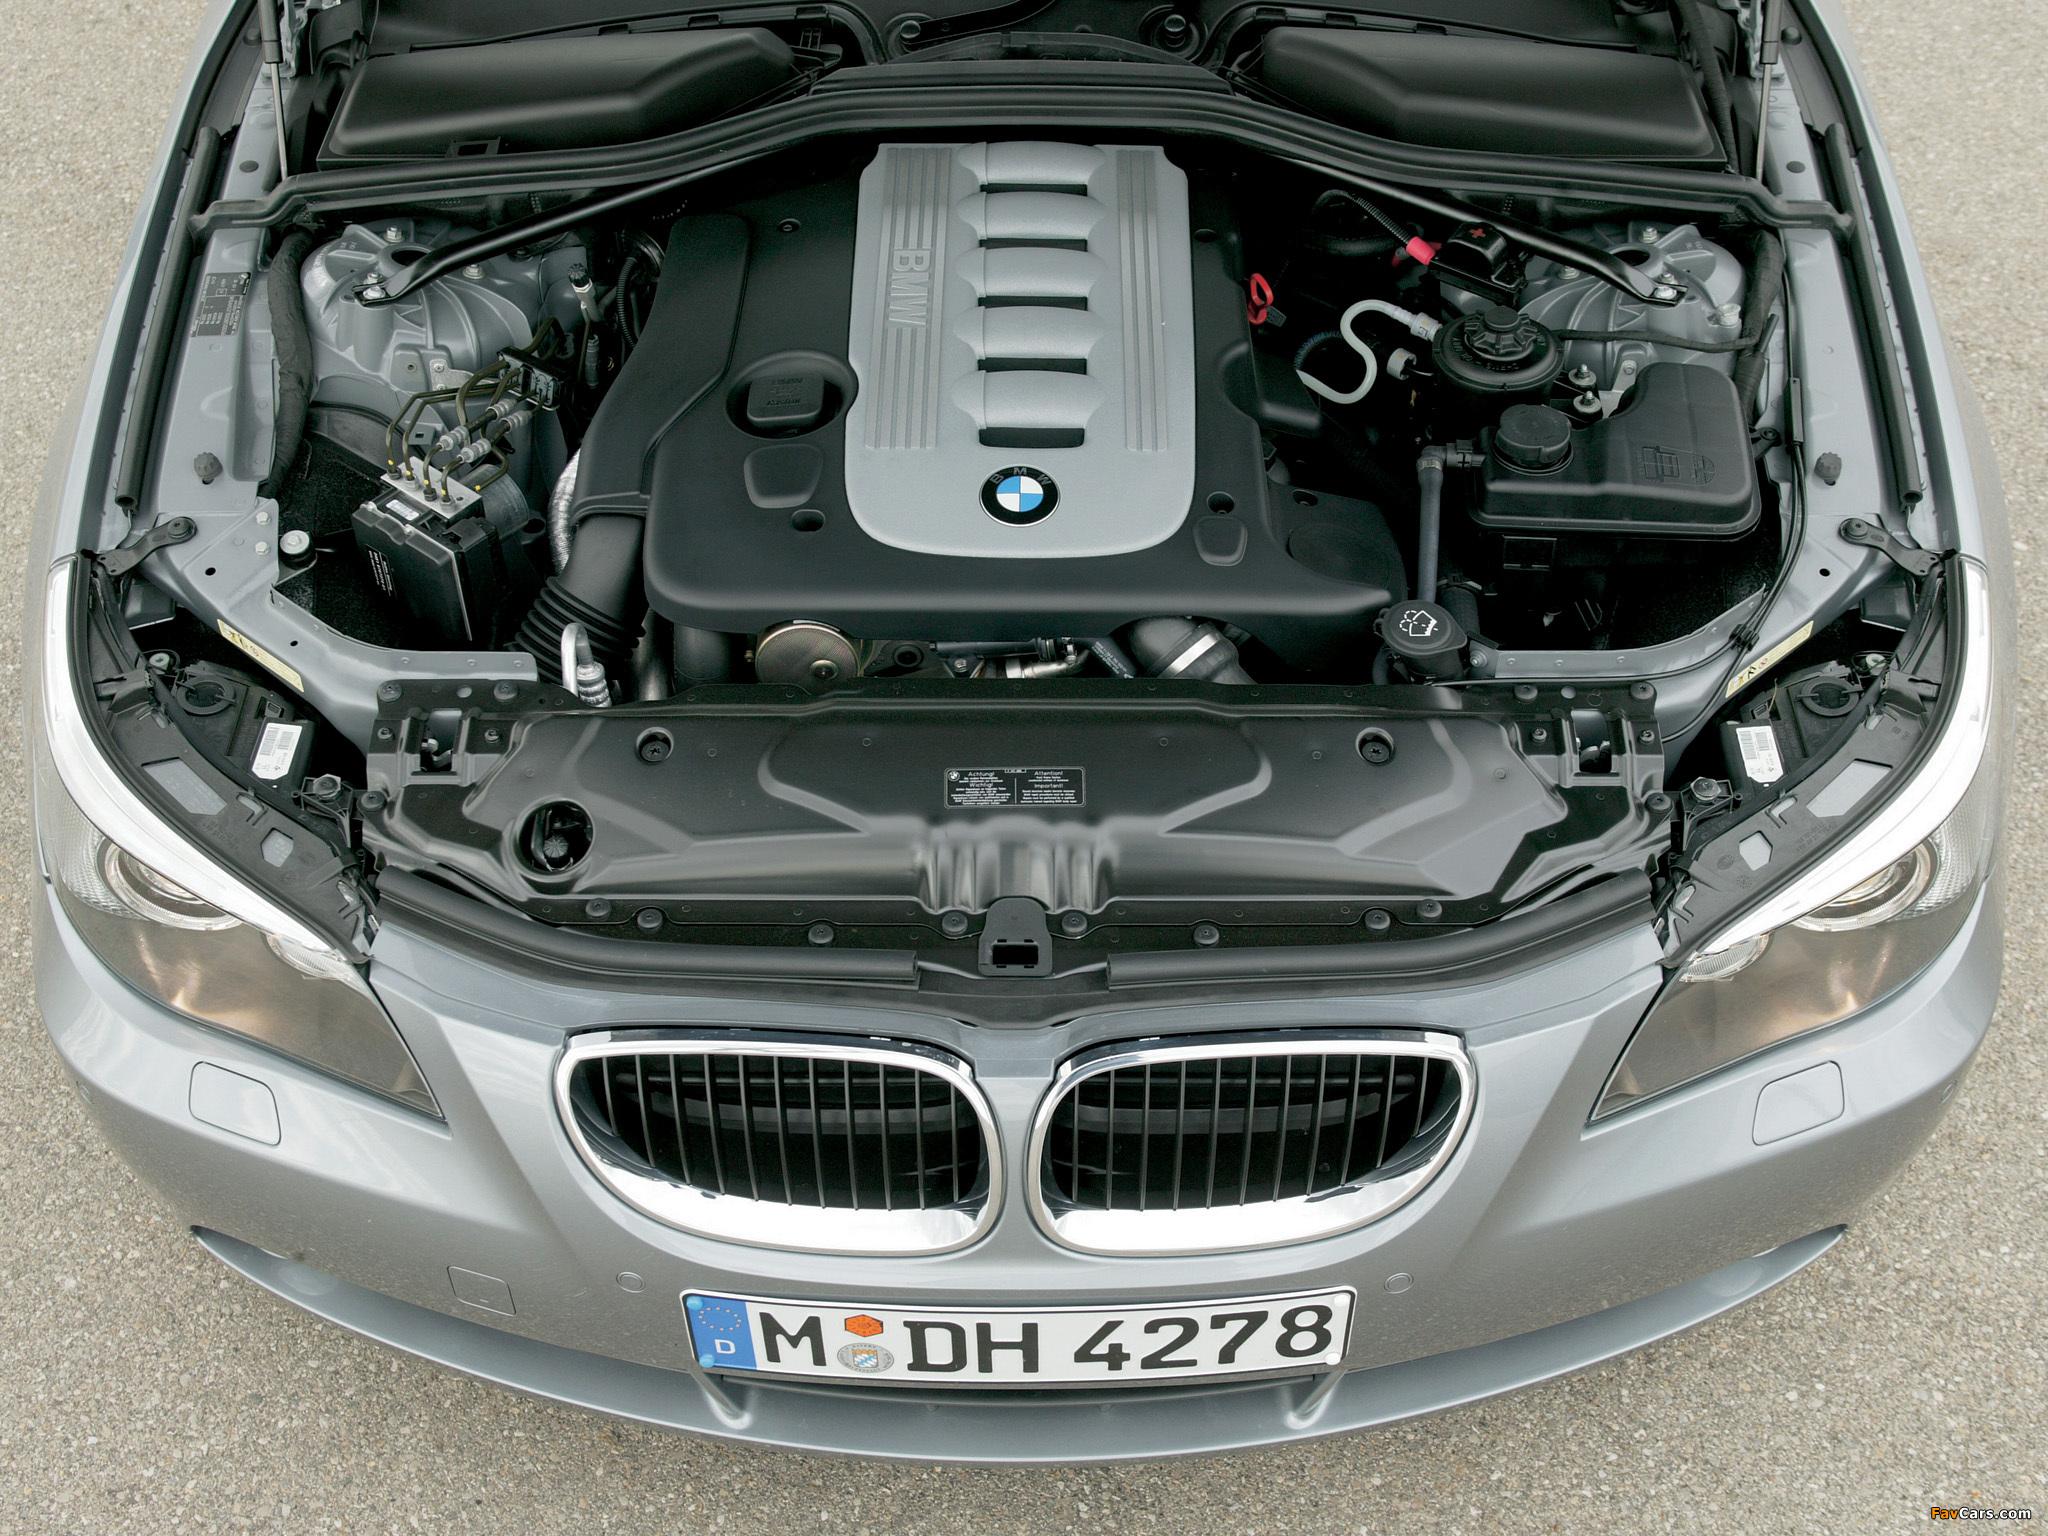 Какая линейка двигателей в дорестайлинговой версии BMW 5 E60